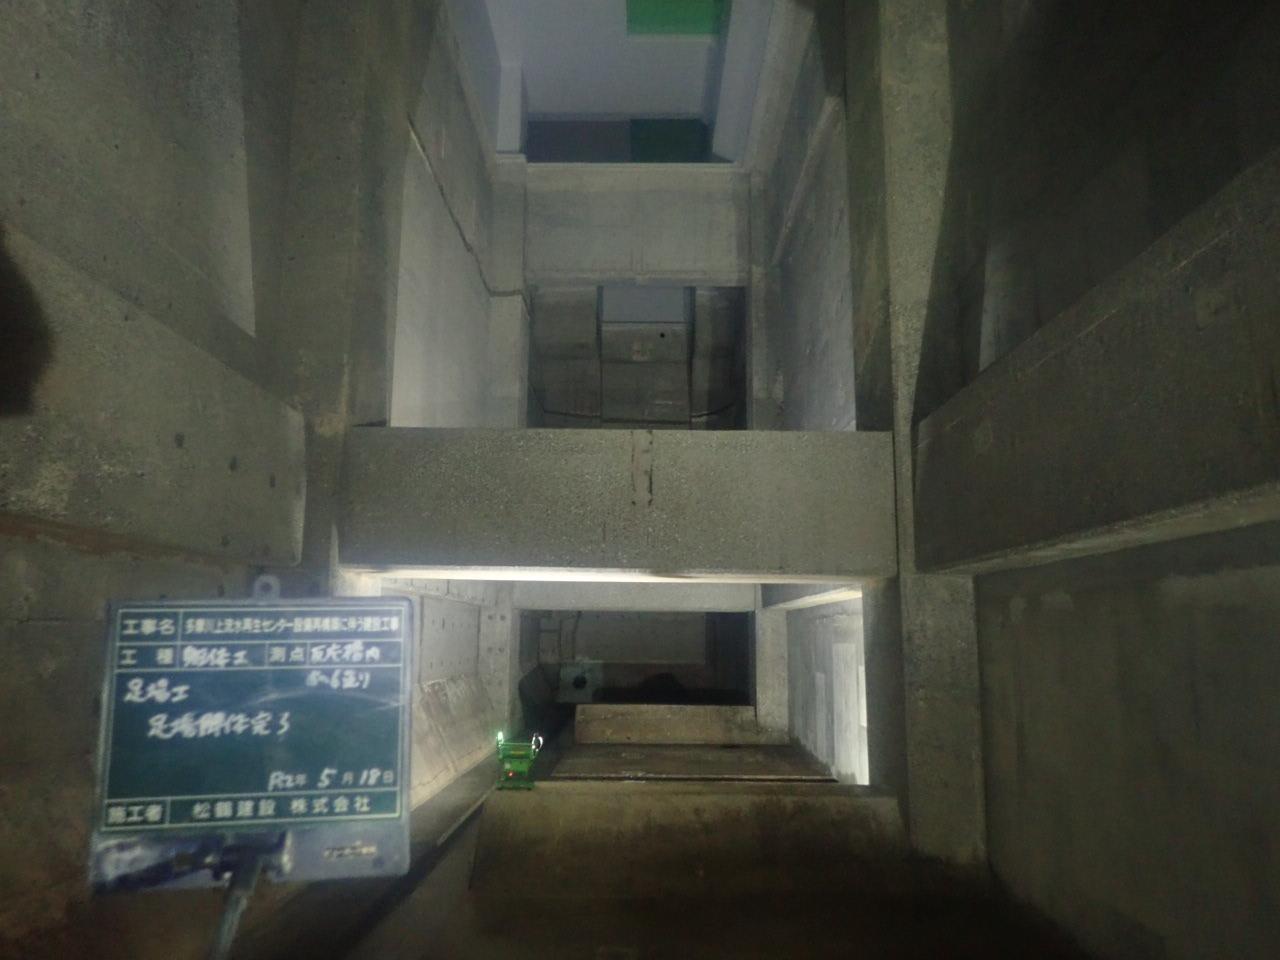 多摩川上流水再生センター設備再構築に伴う建設工事